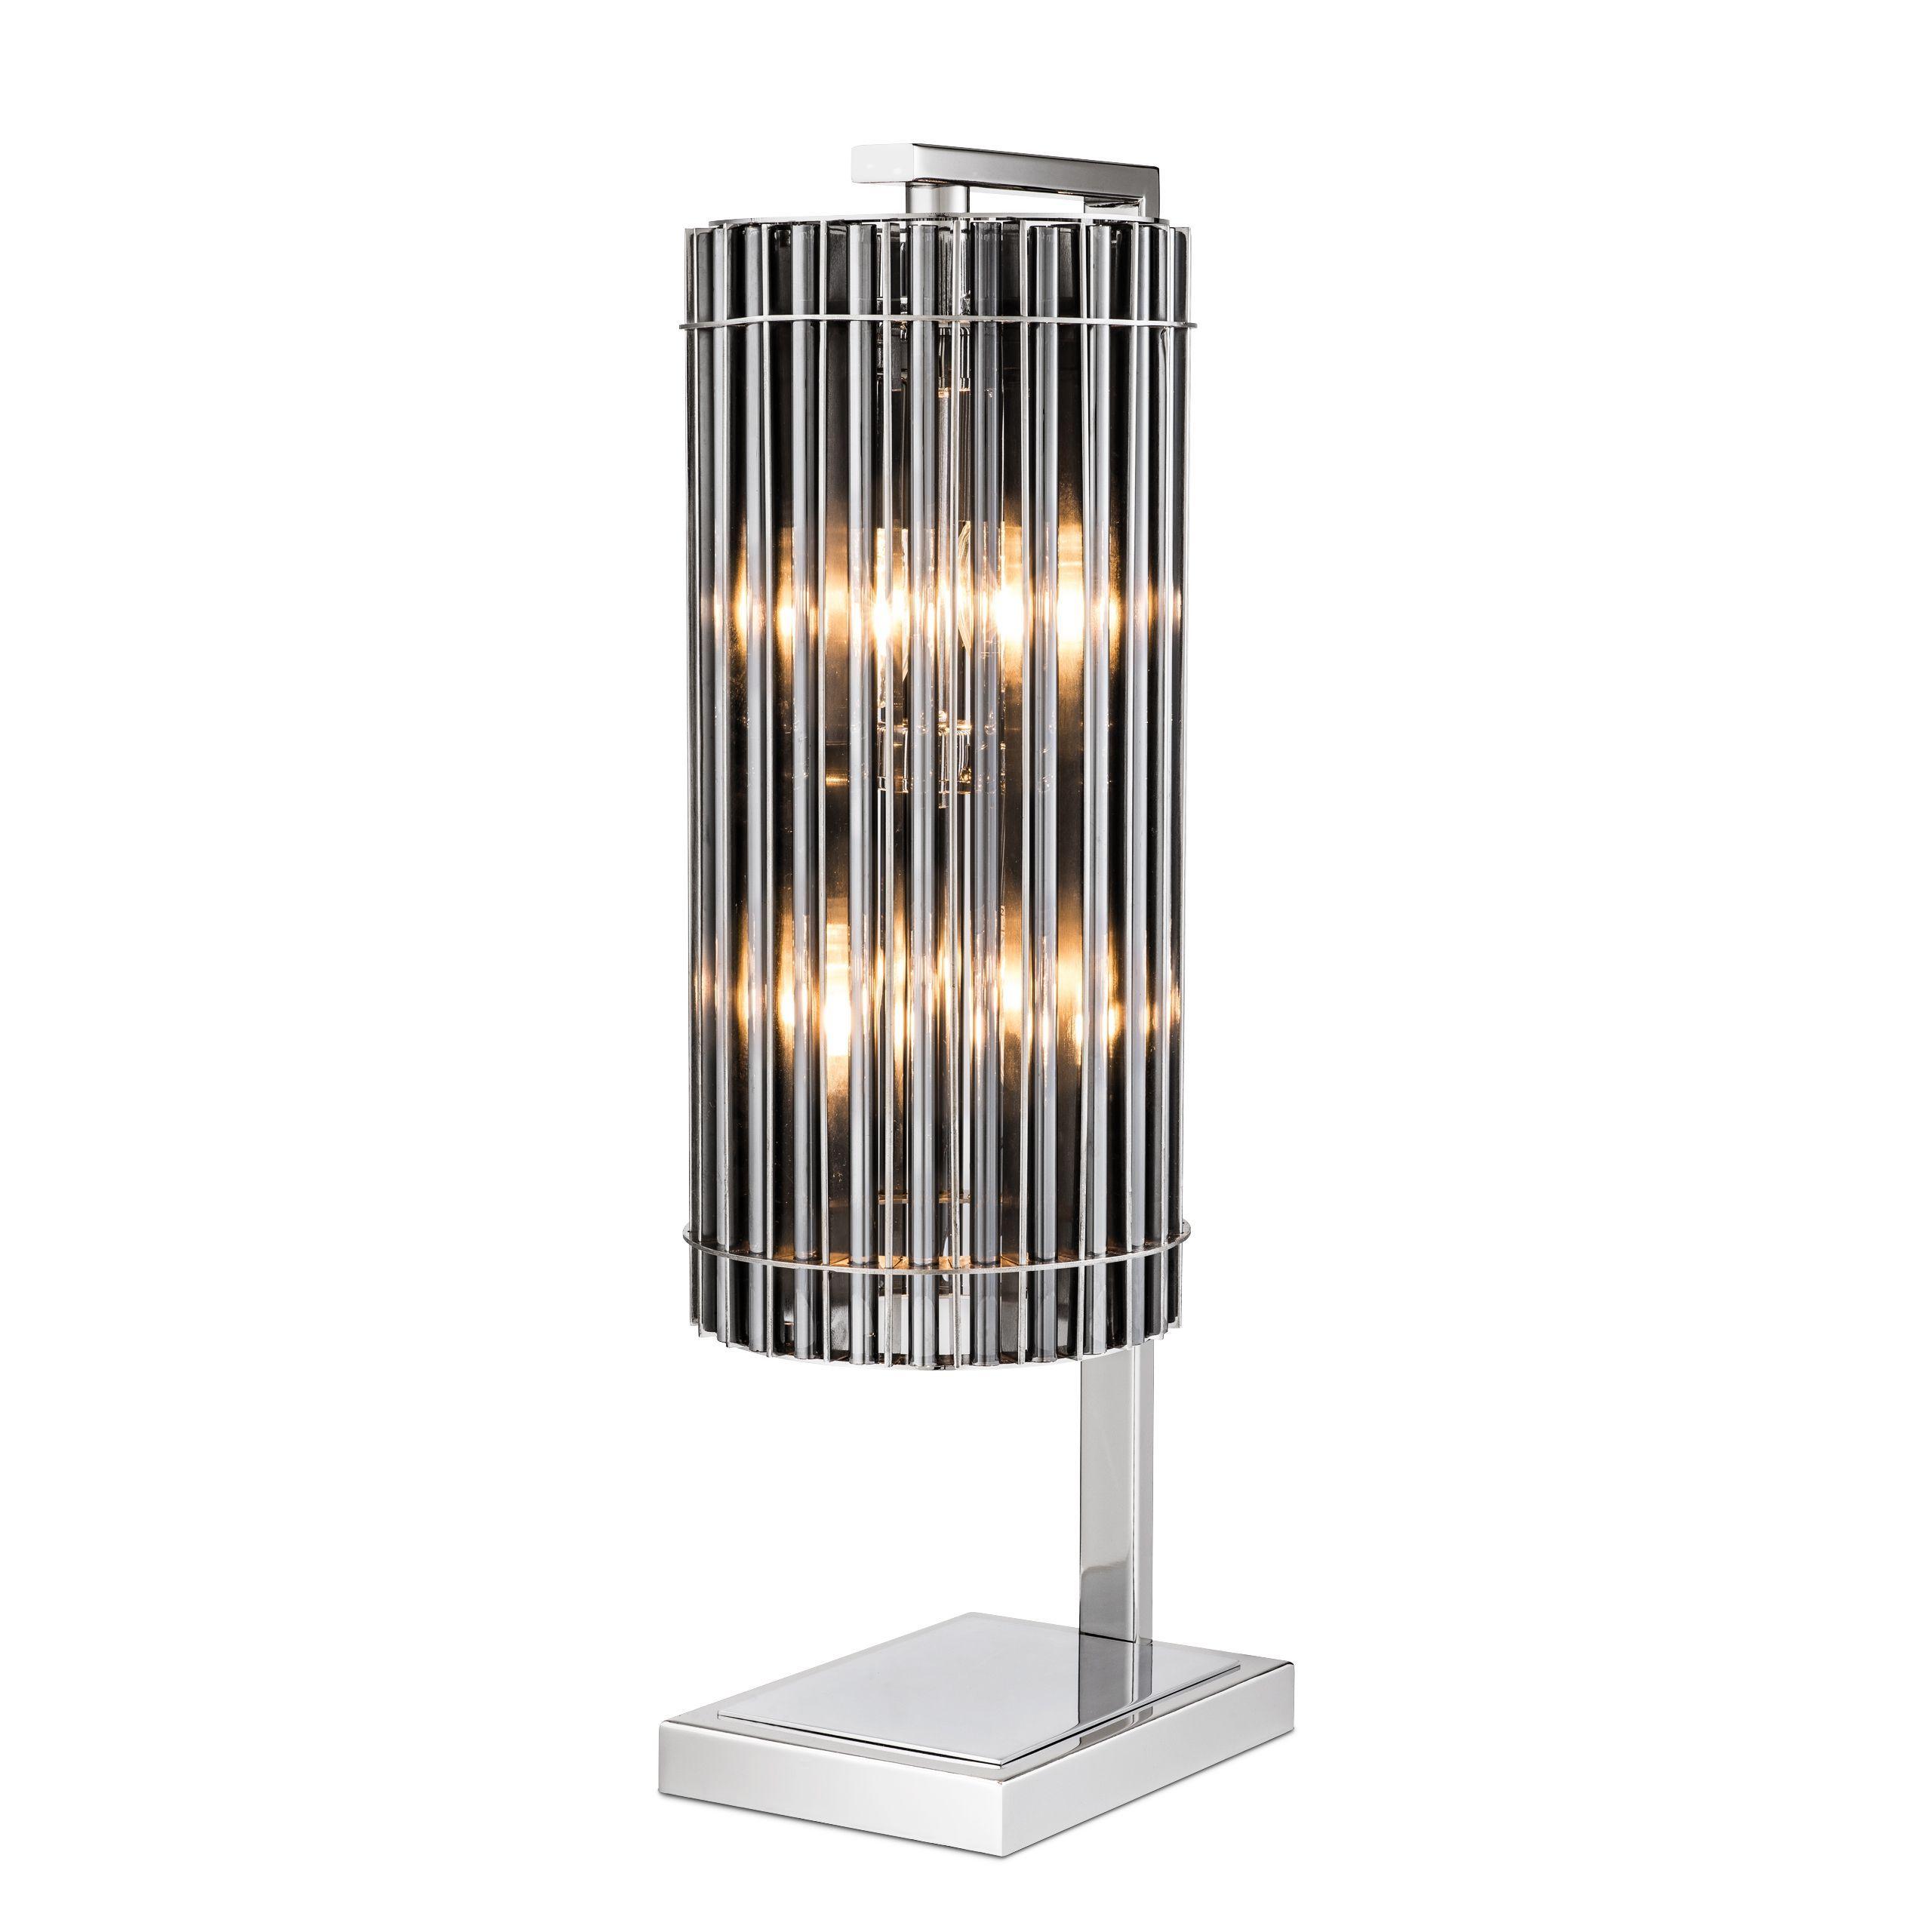 Eichholtz LeuchtenTischlampe Pimlico110900